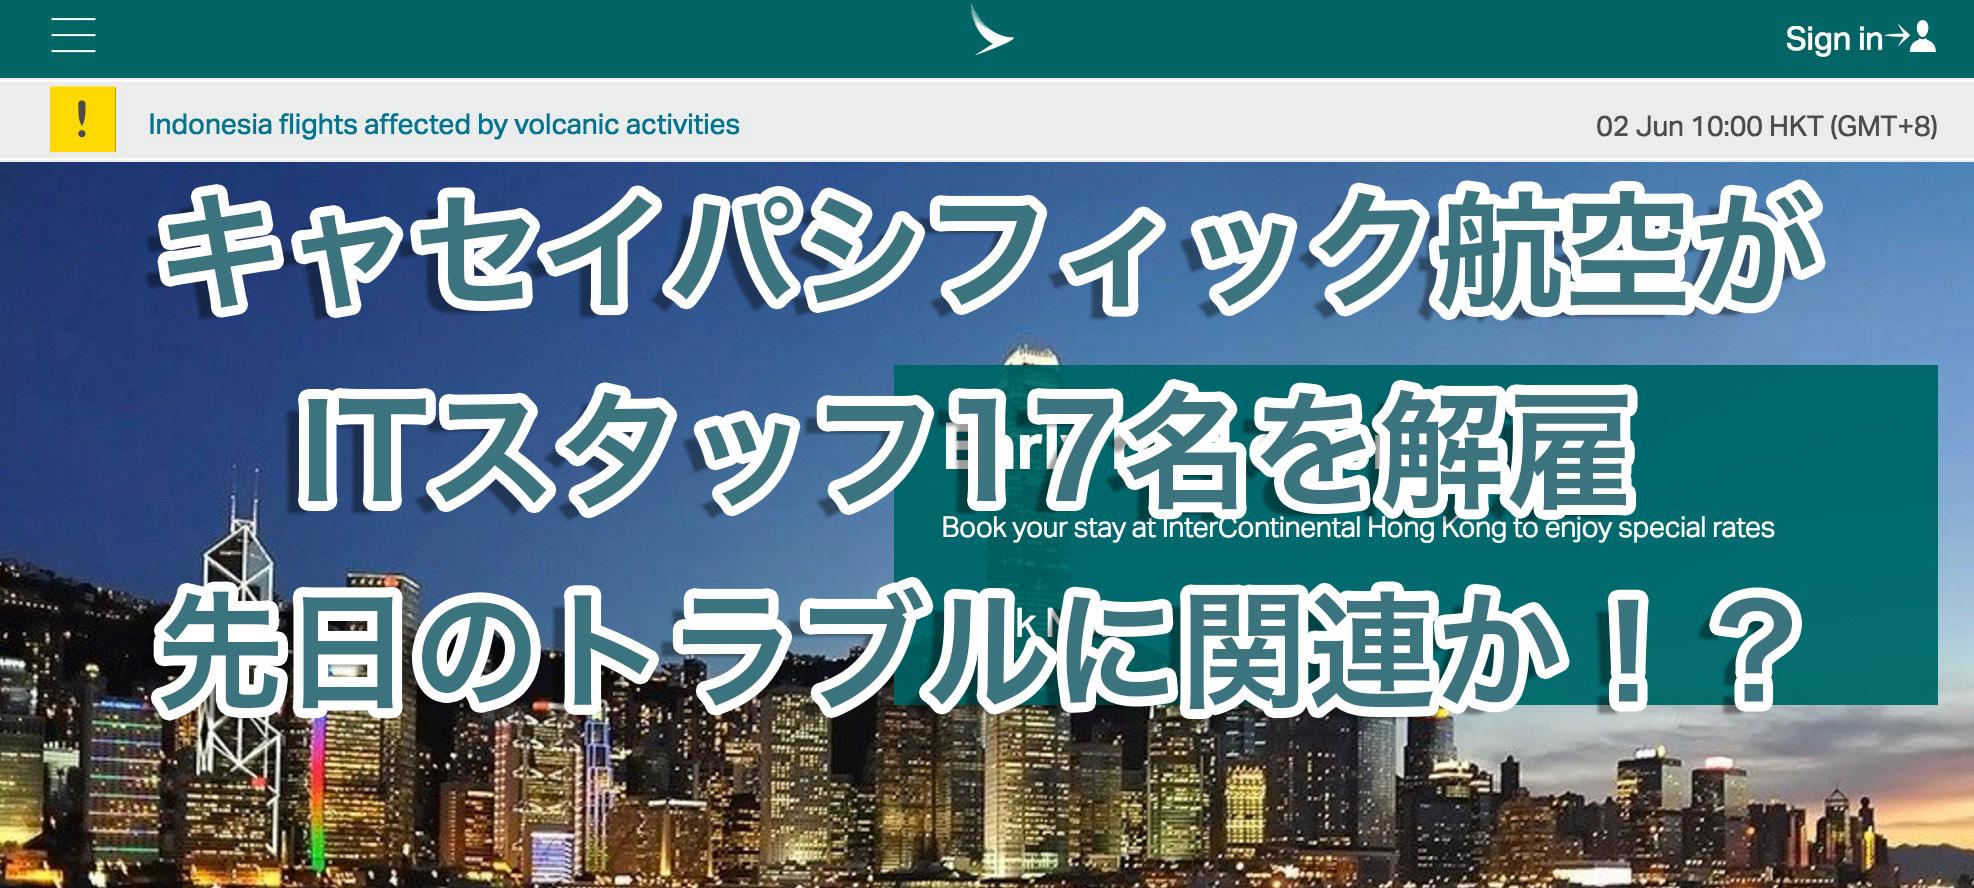 キャセイパシフィック航空がITスタッフ17名を解雇 先日のトラブルに関連!?